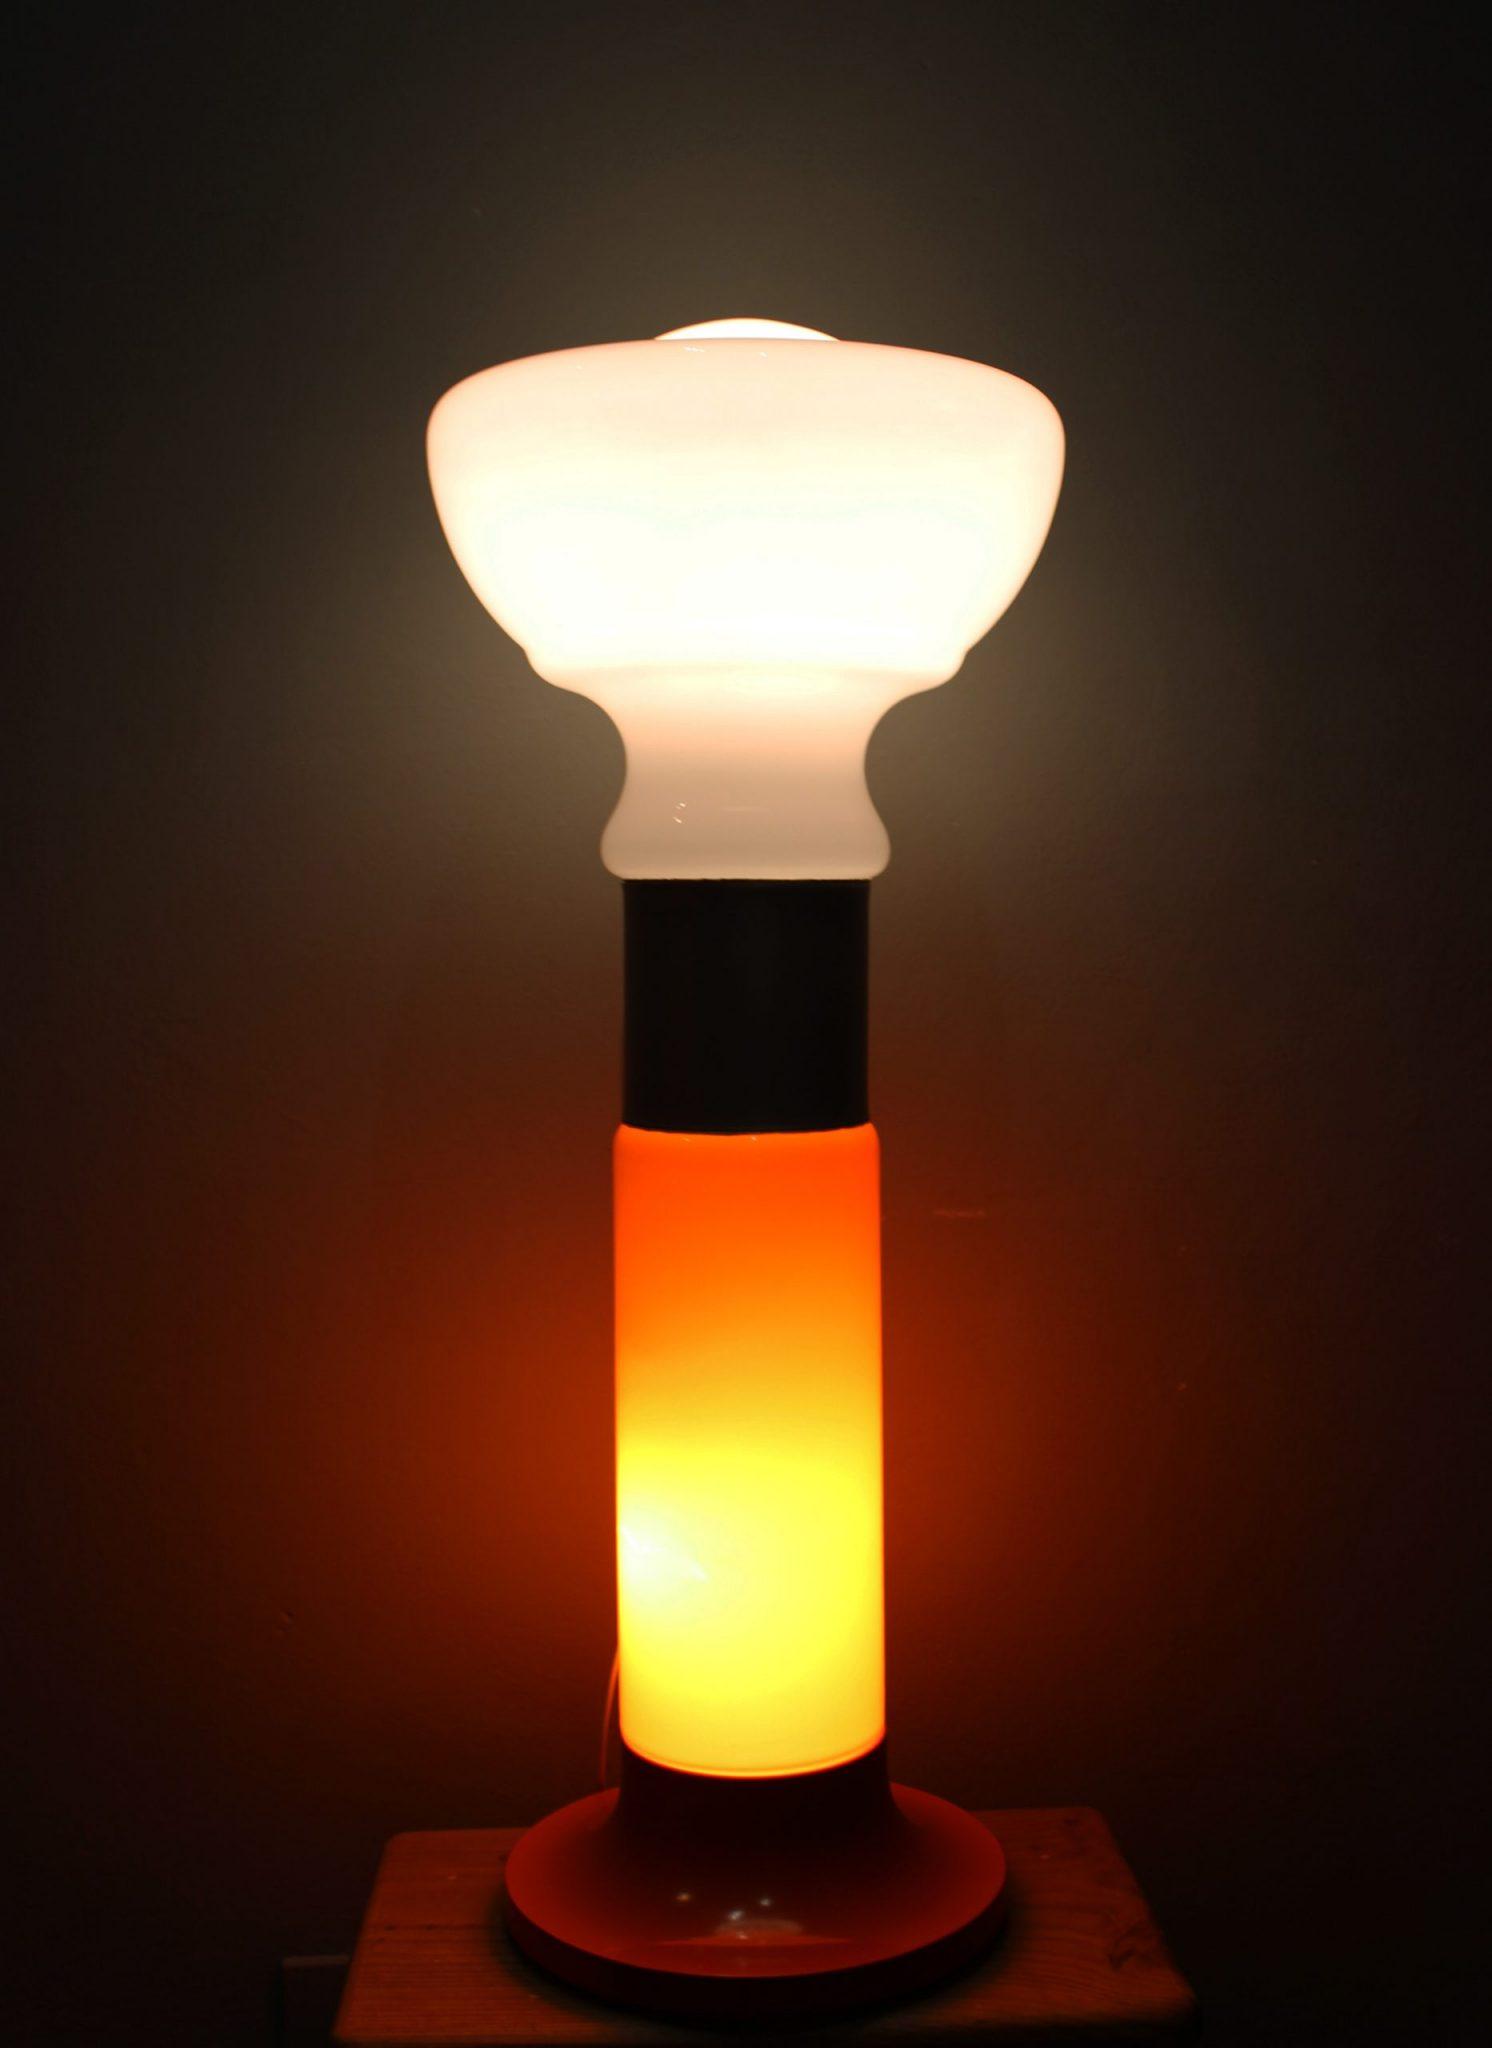 lampada-vintage-style-pitigliano